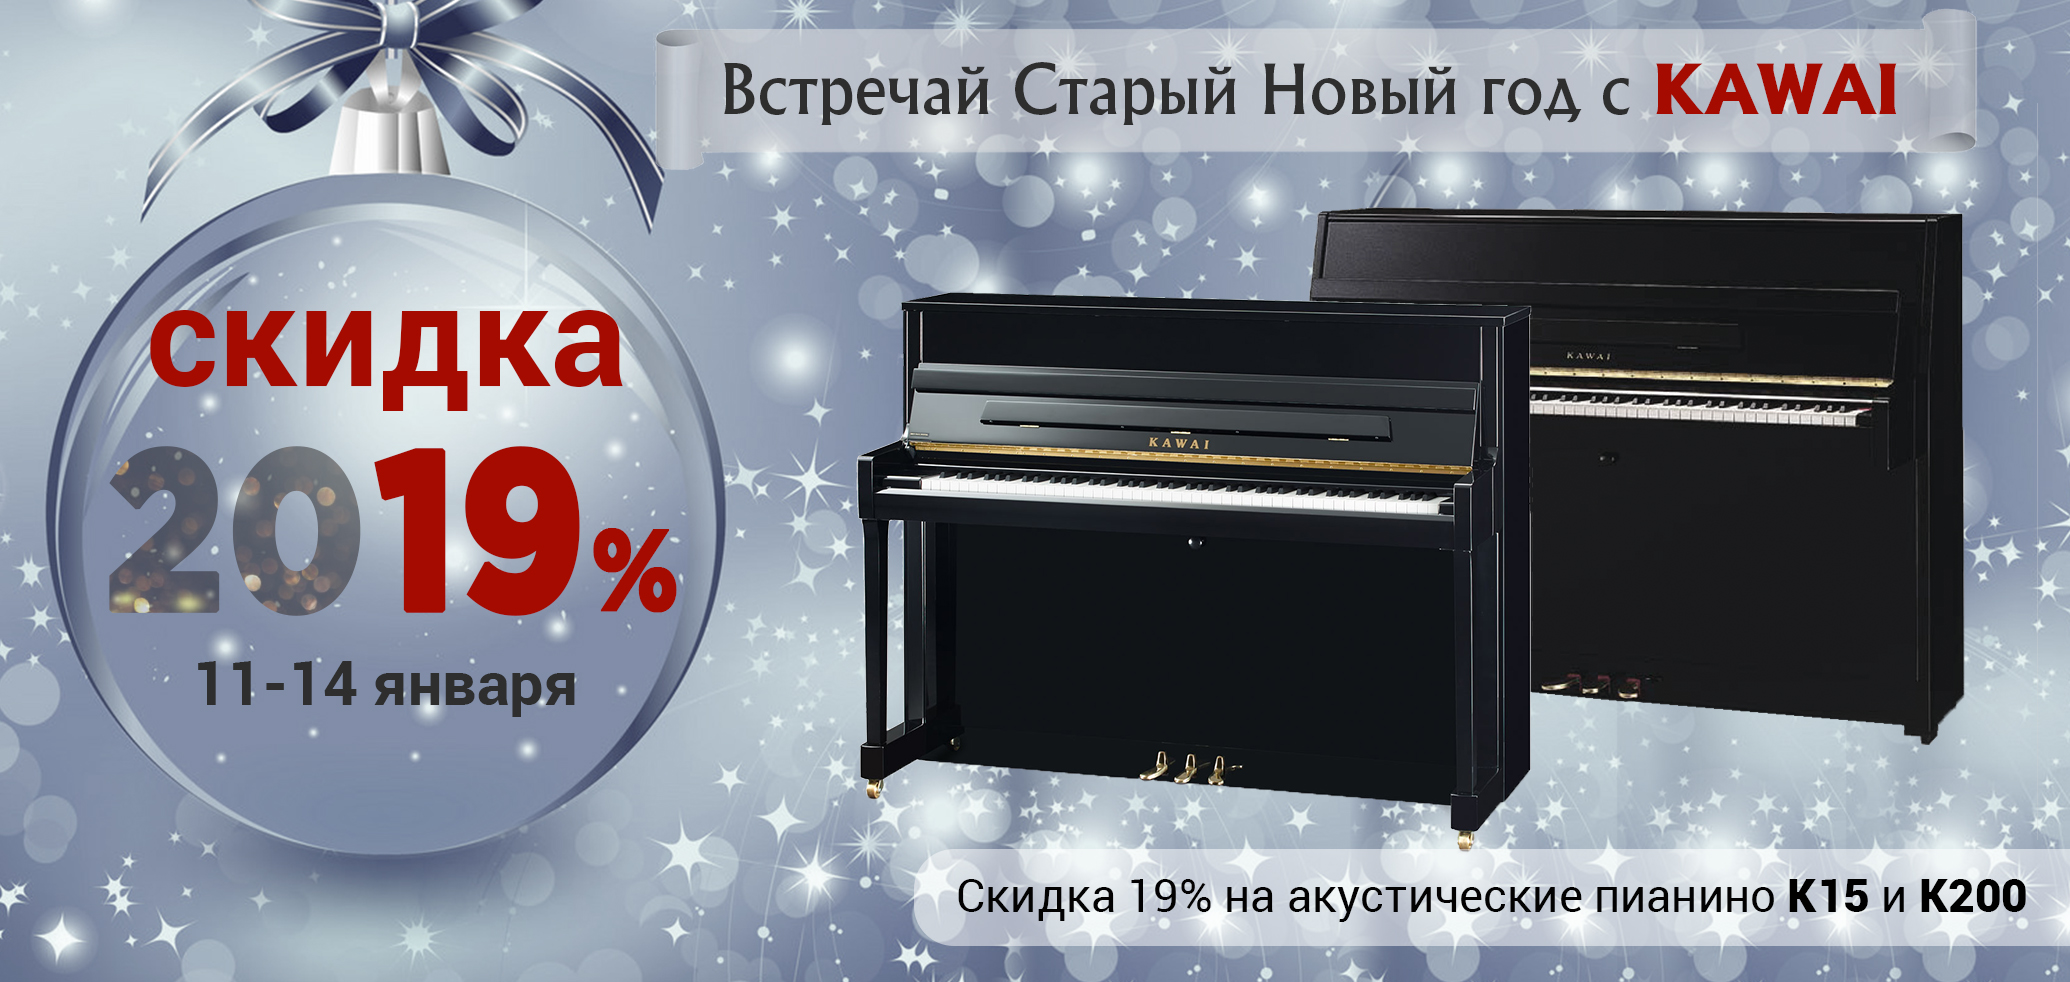 Скидка 19% на акустические пианино K15 и K200